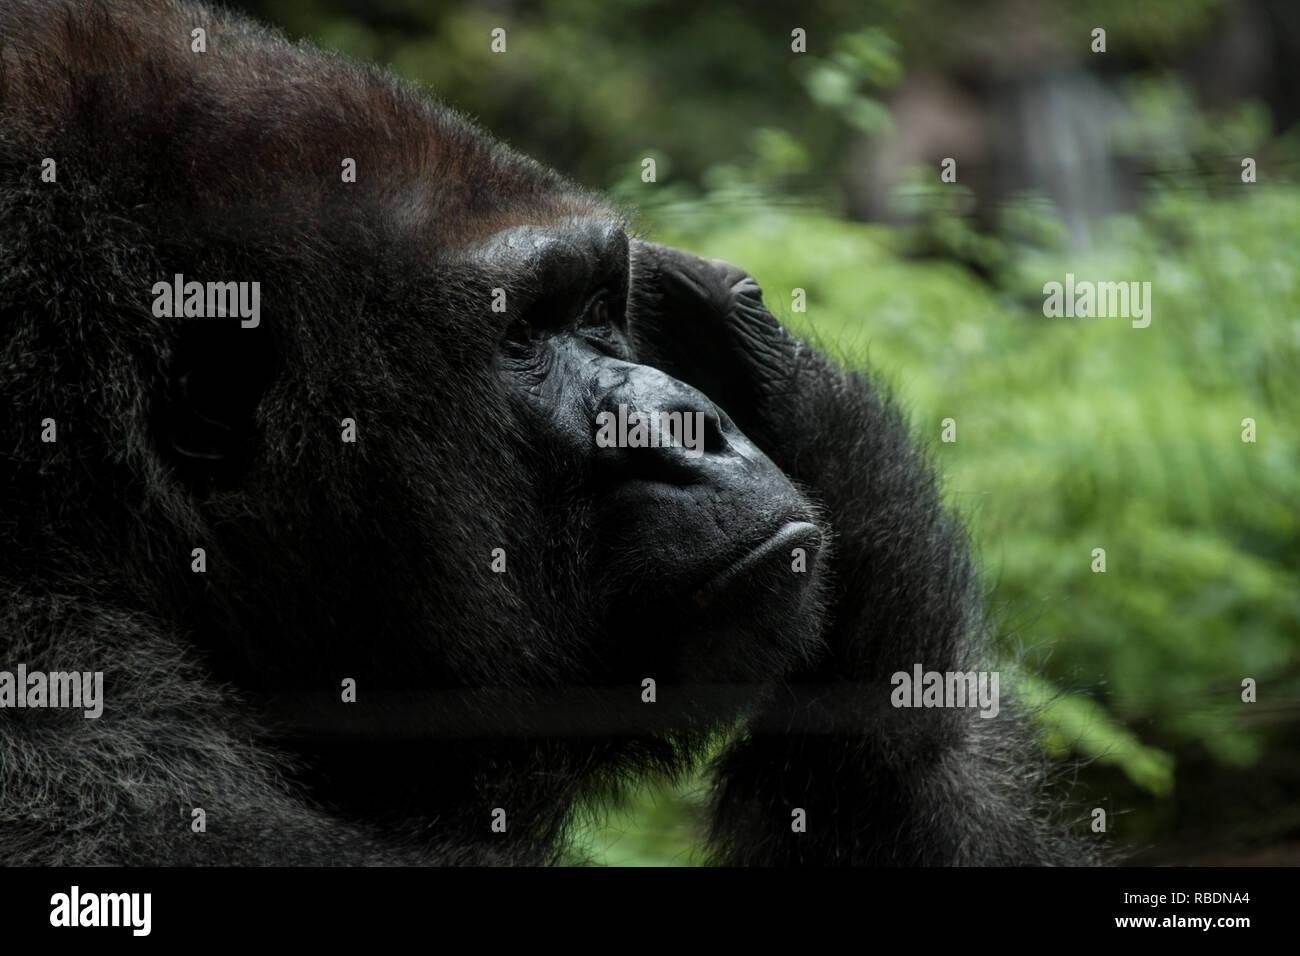 Un buen retrato de un gorila de las tierras bajas occidentales pensativo rascándose la cabeza Imagen De Stock